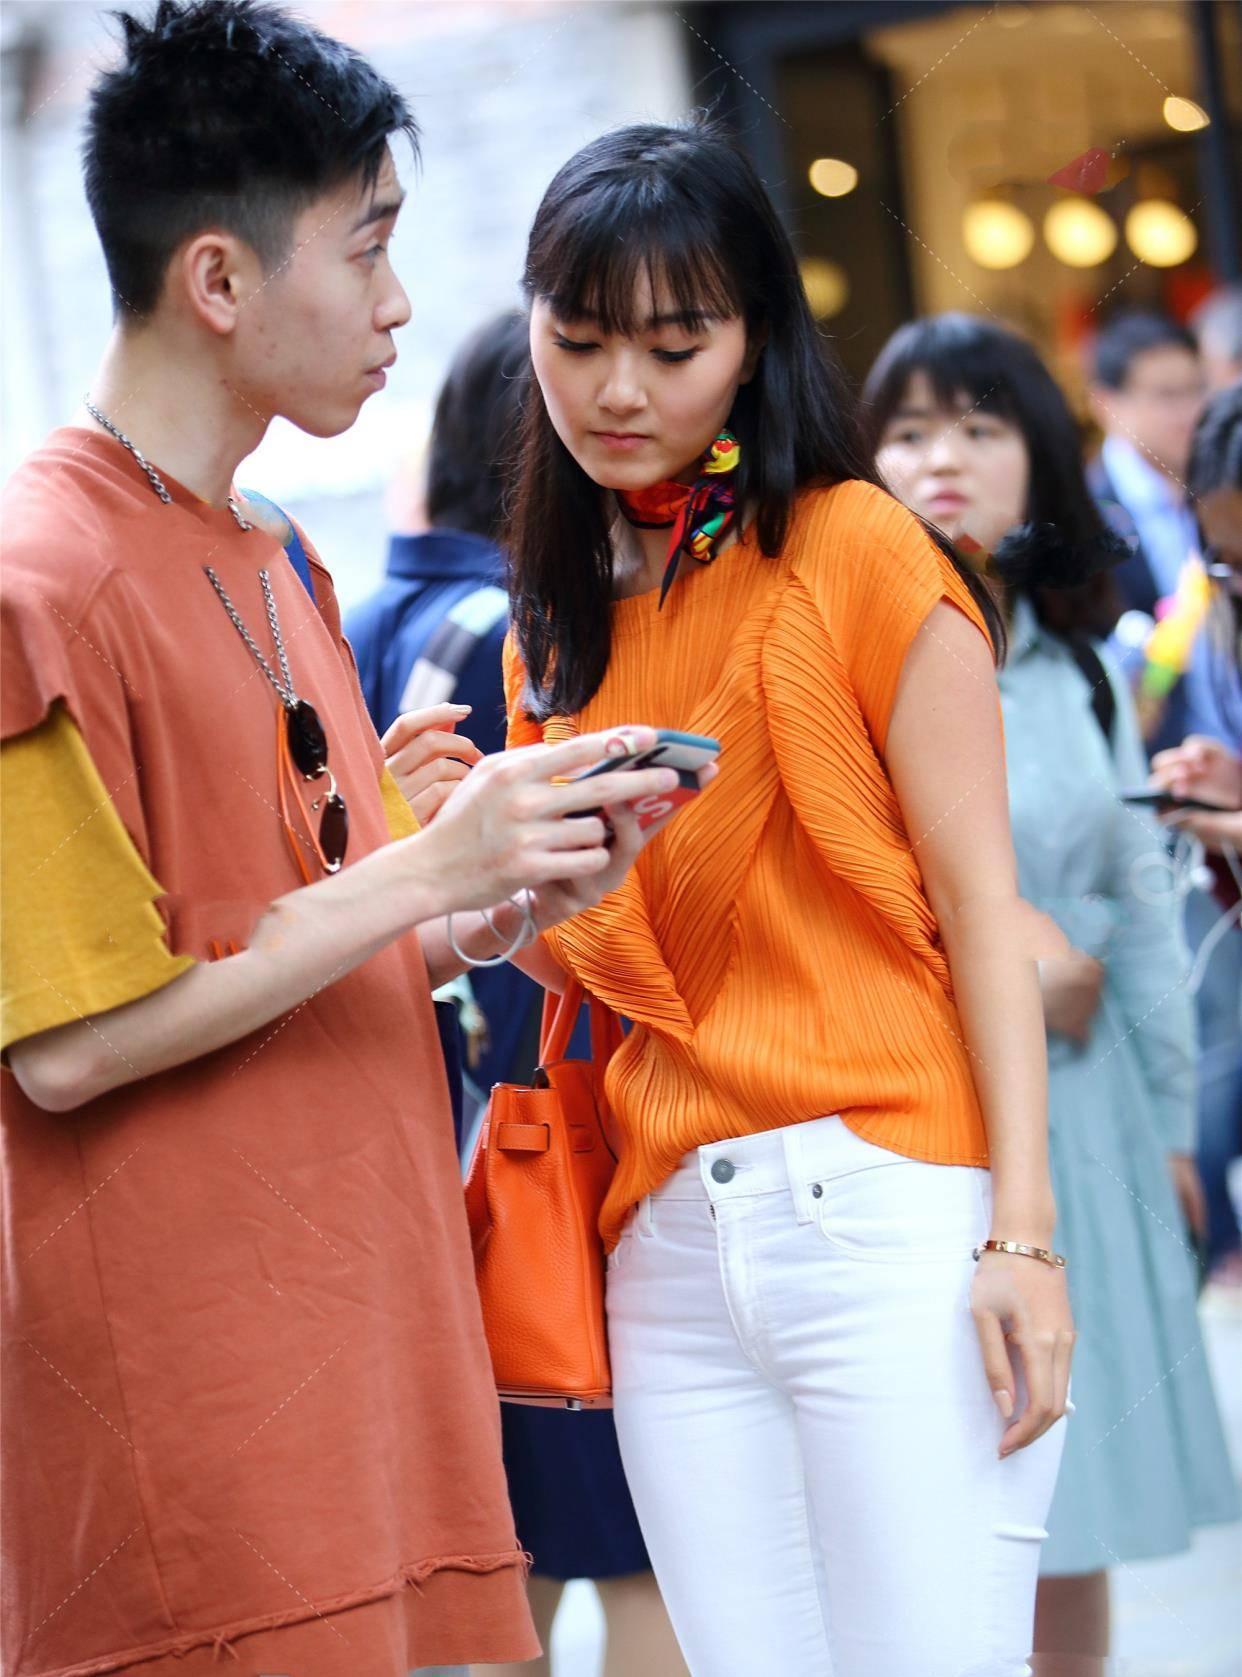 橘黄色长衫搭配橘黄色方巾,显眼又不失时尚,还带